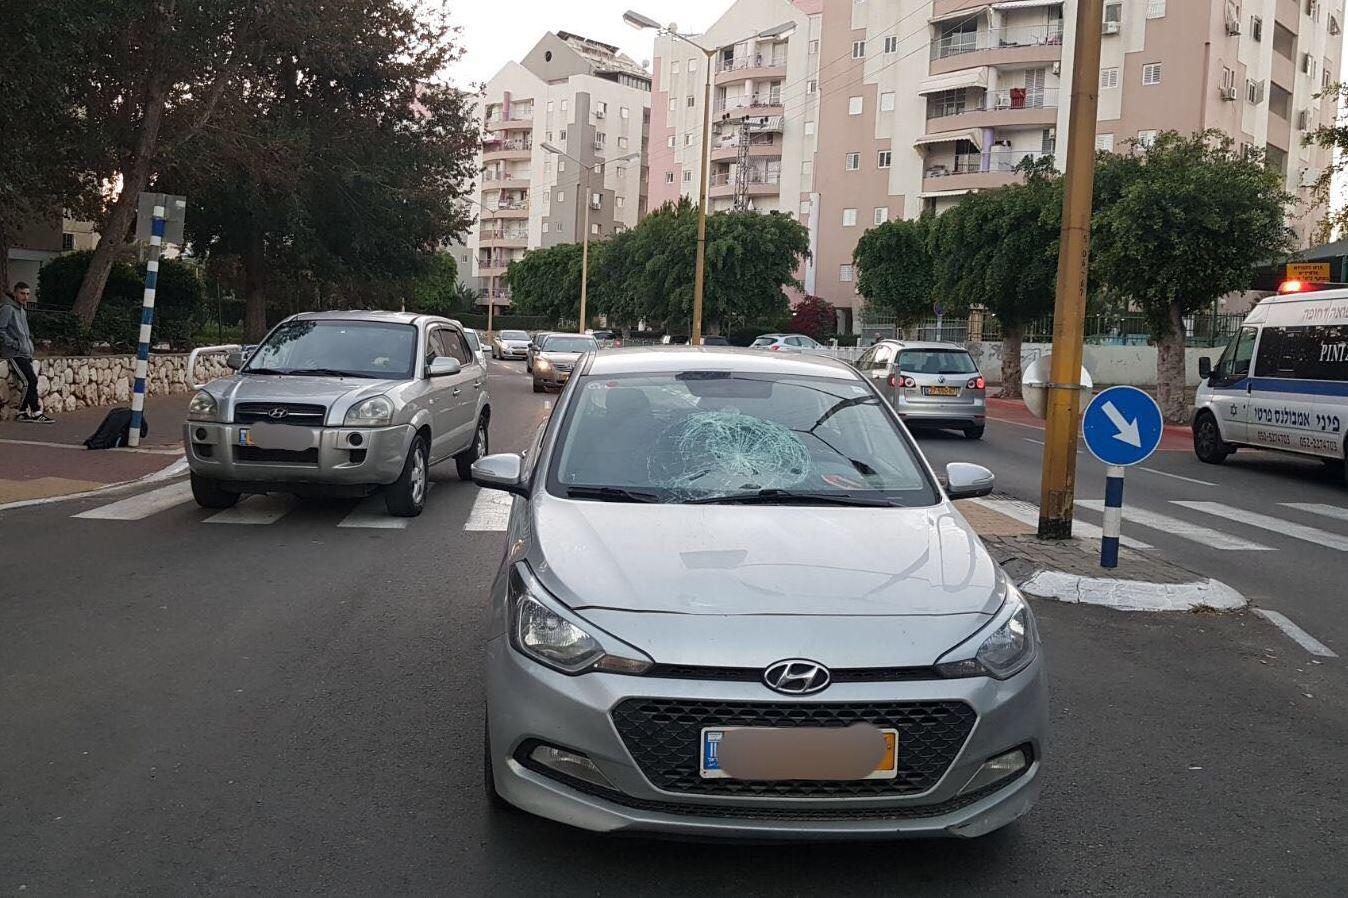 נער וילד נפצעו מפגיעת רכב באשדוד – פונו לבית החולים